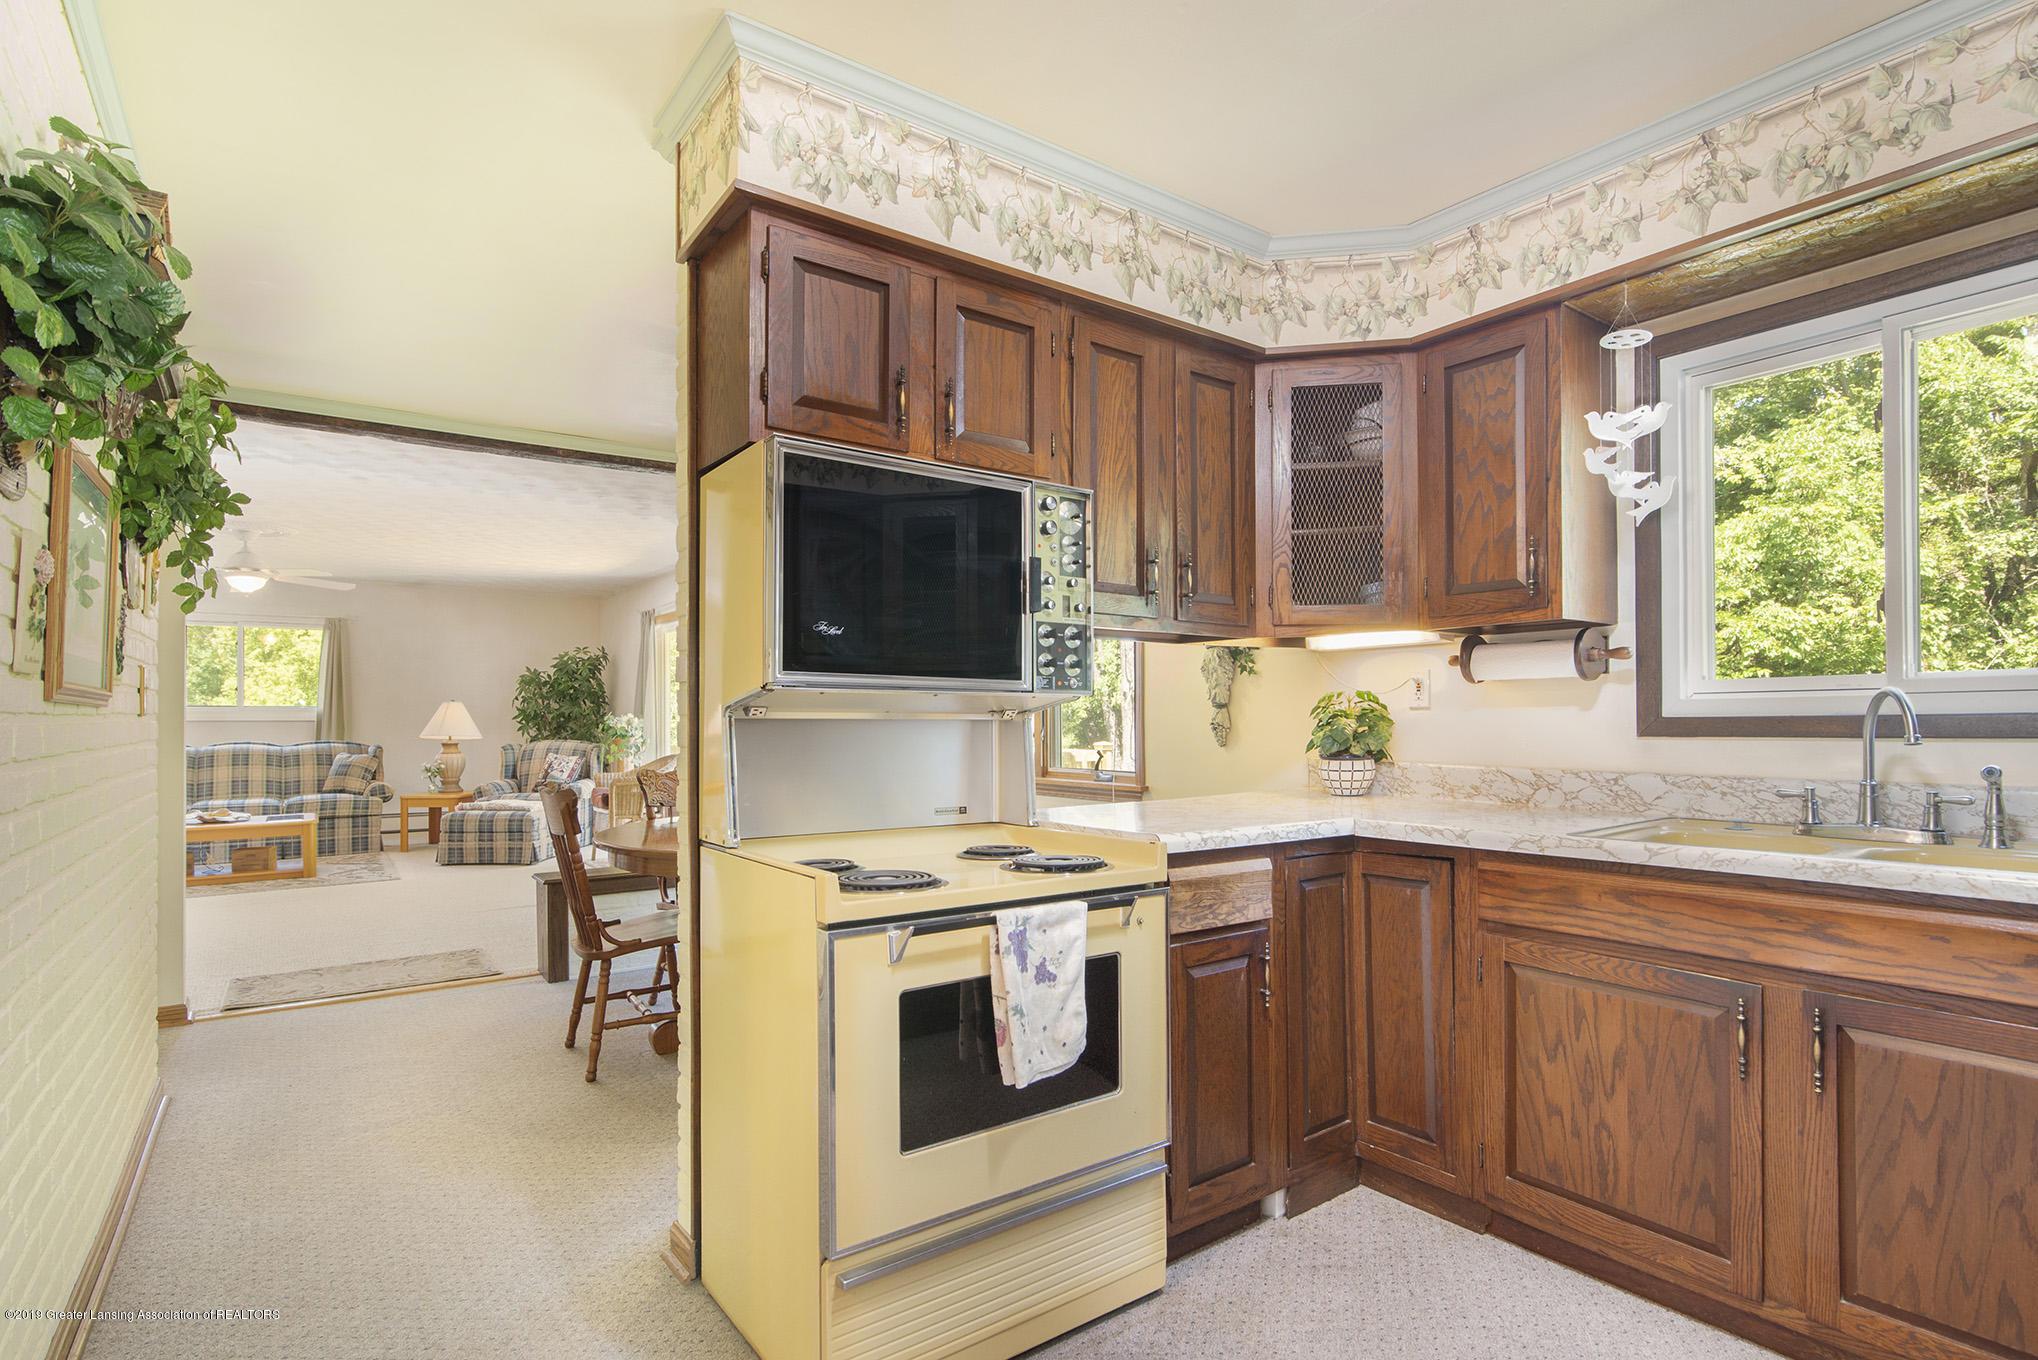 11807 Upton Rd - Kitchen - 5